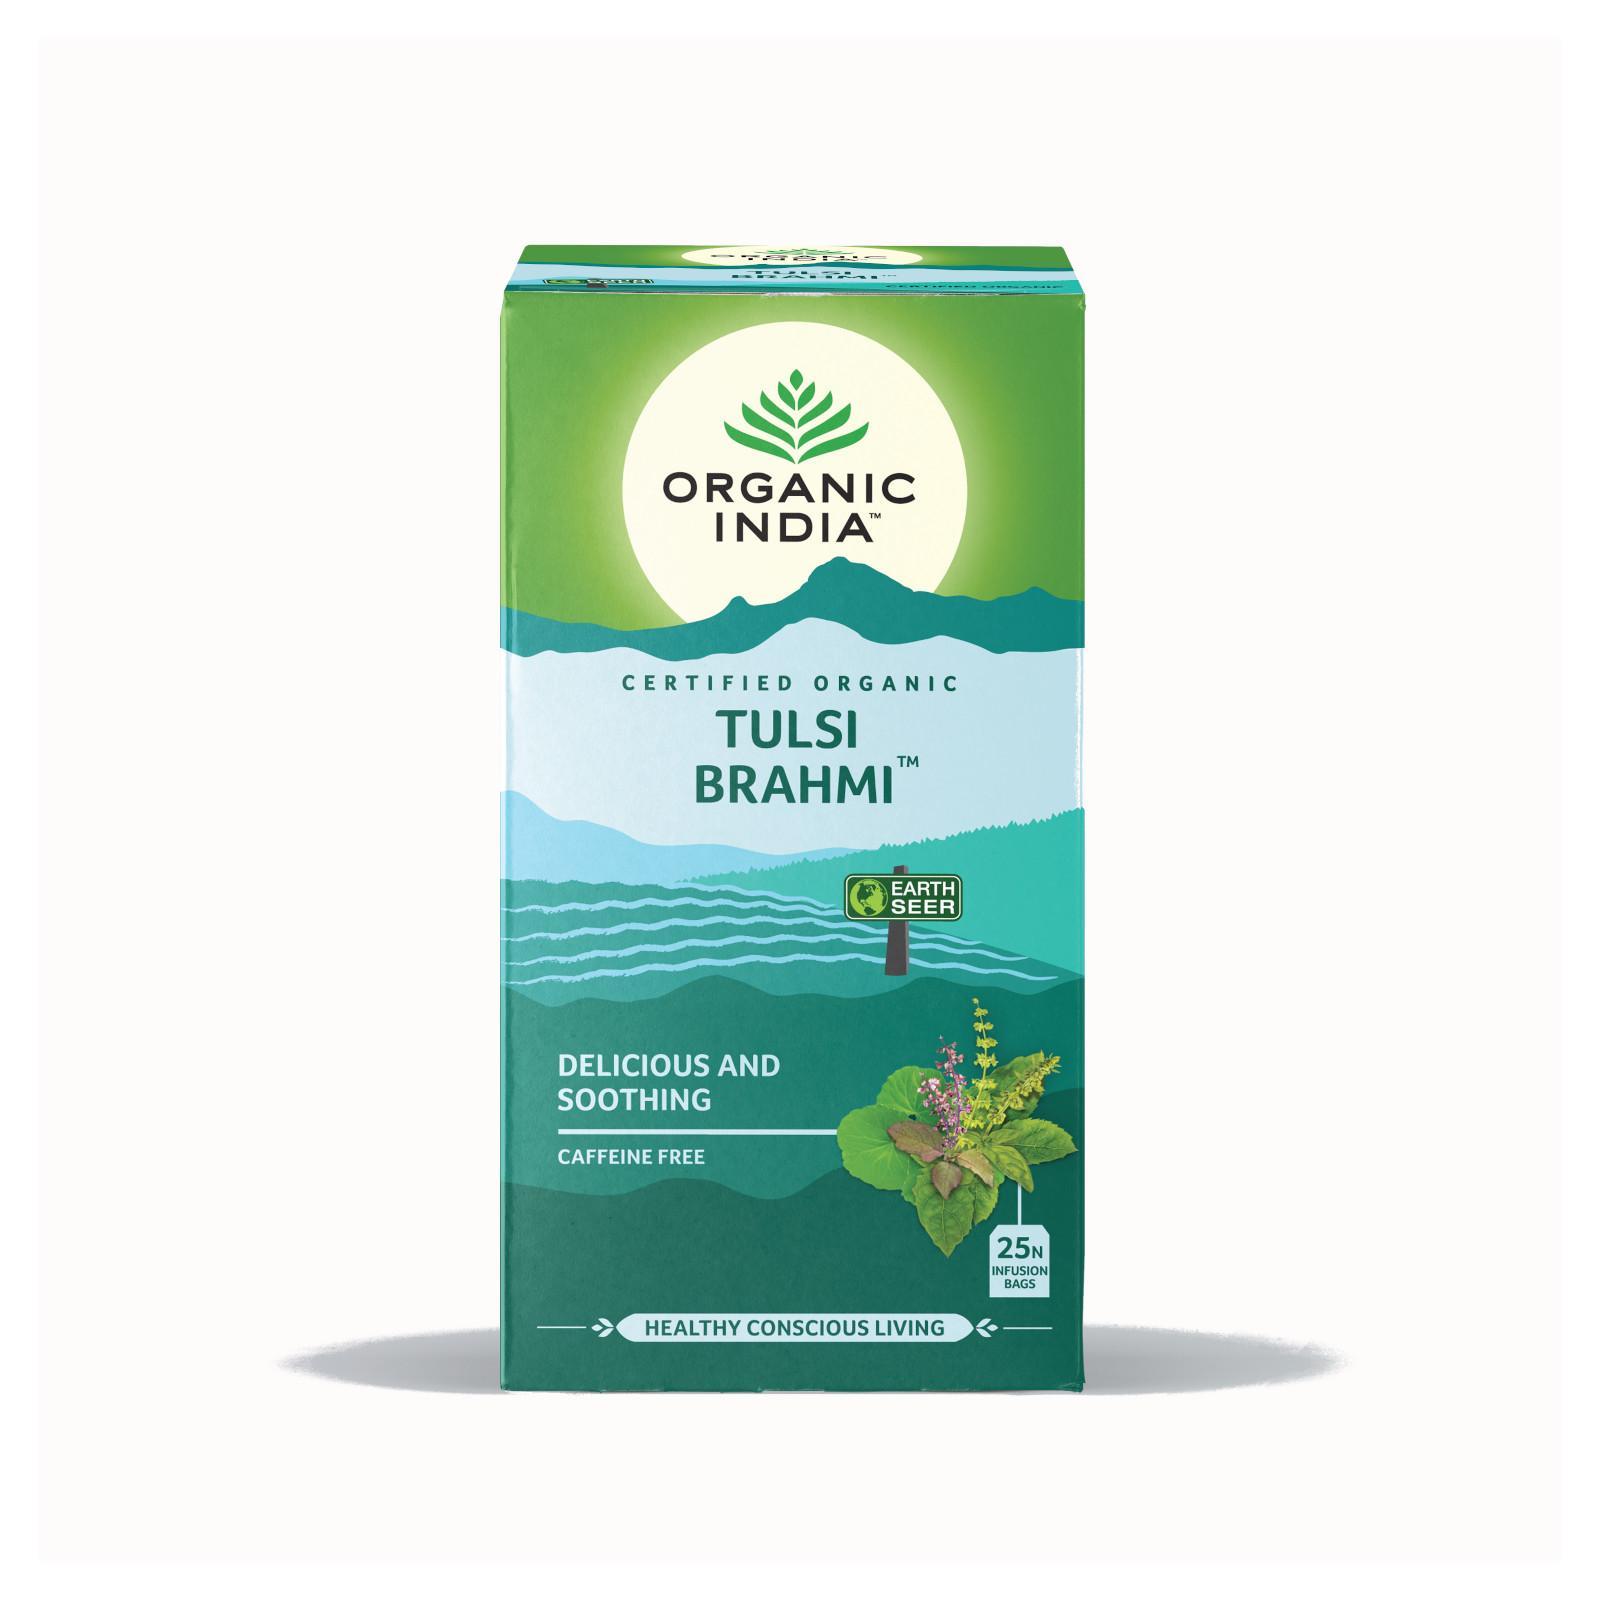 Organic India Čaj Tulsi Brahmi, porcovaný 25 ks, 43,5 g